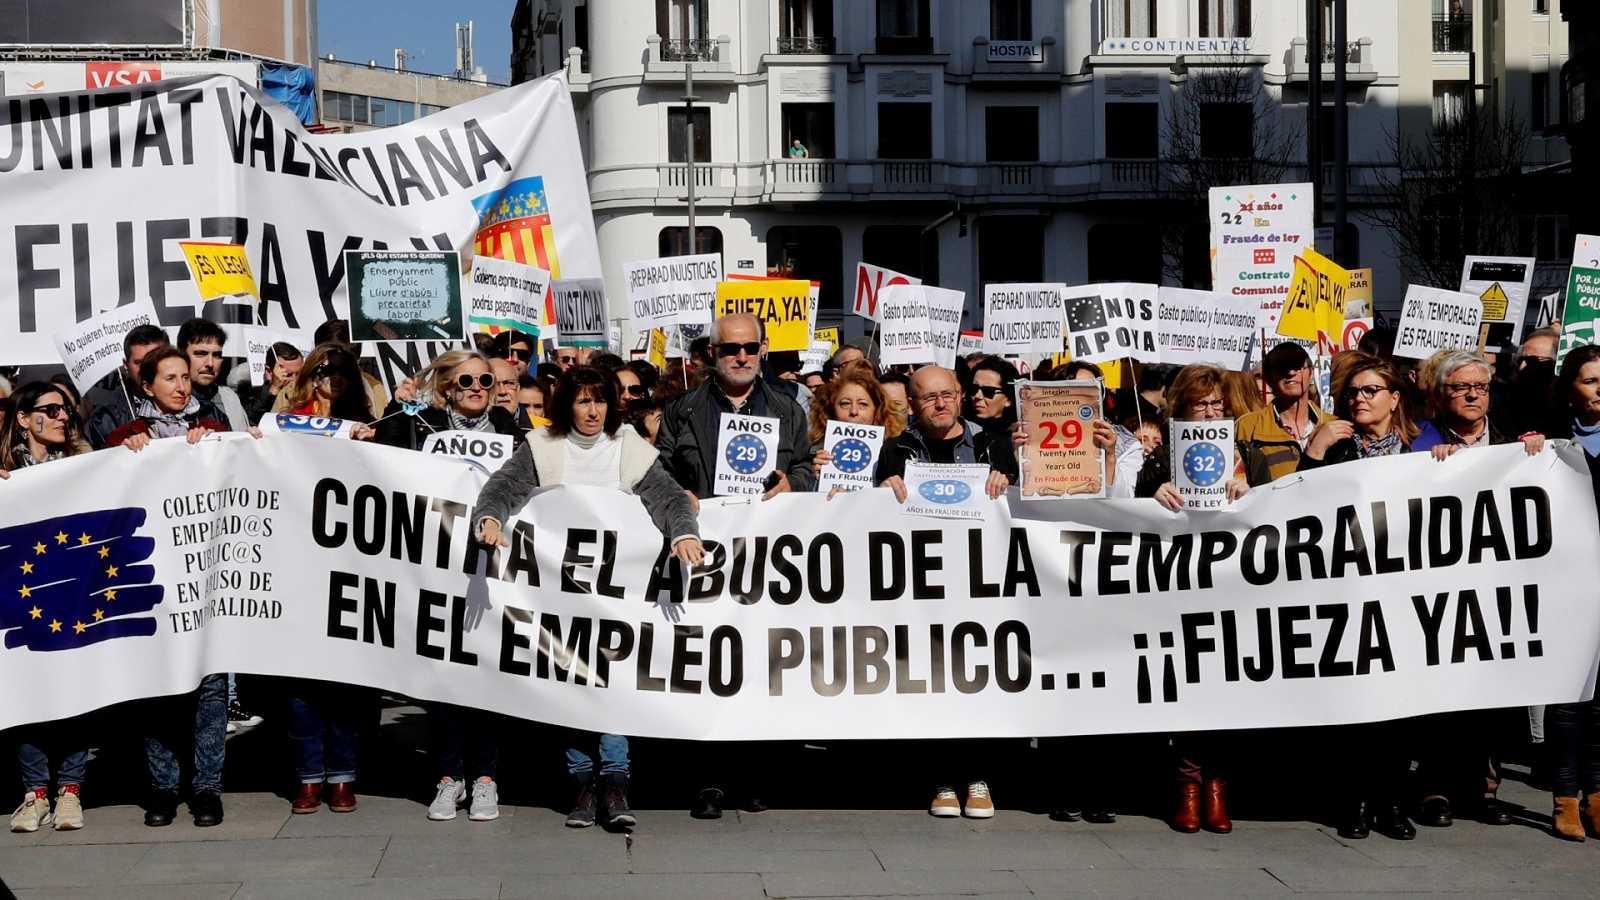 Plataformas de interinos se manifiestan en toda España para protestar contra la precariedad, el fraude en la contratación y reclaman su fijeza.